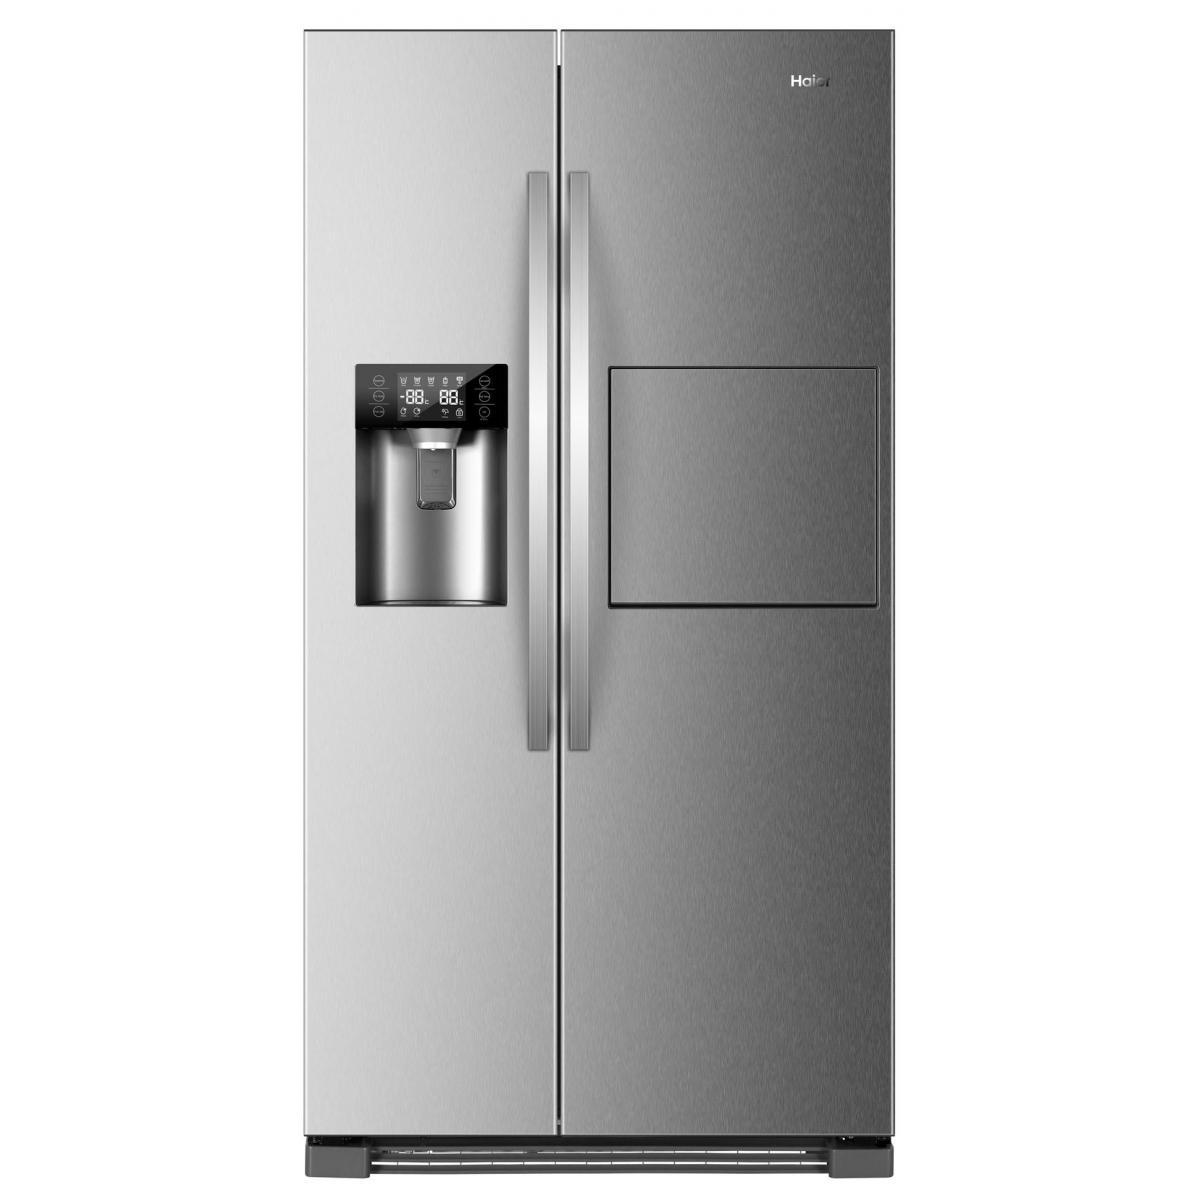 Haier Réfrigérateur américain 555L Froid Ventilé HAIER 98cm A++, HRF 630 AM 7